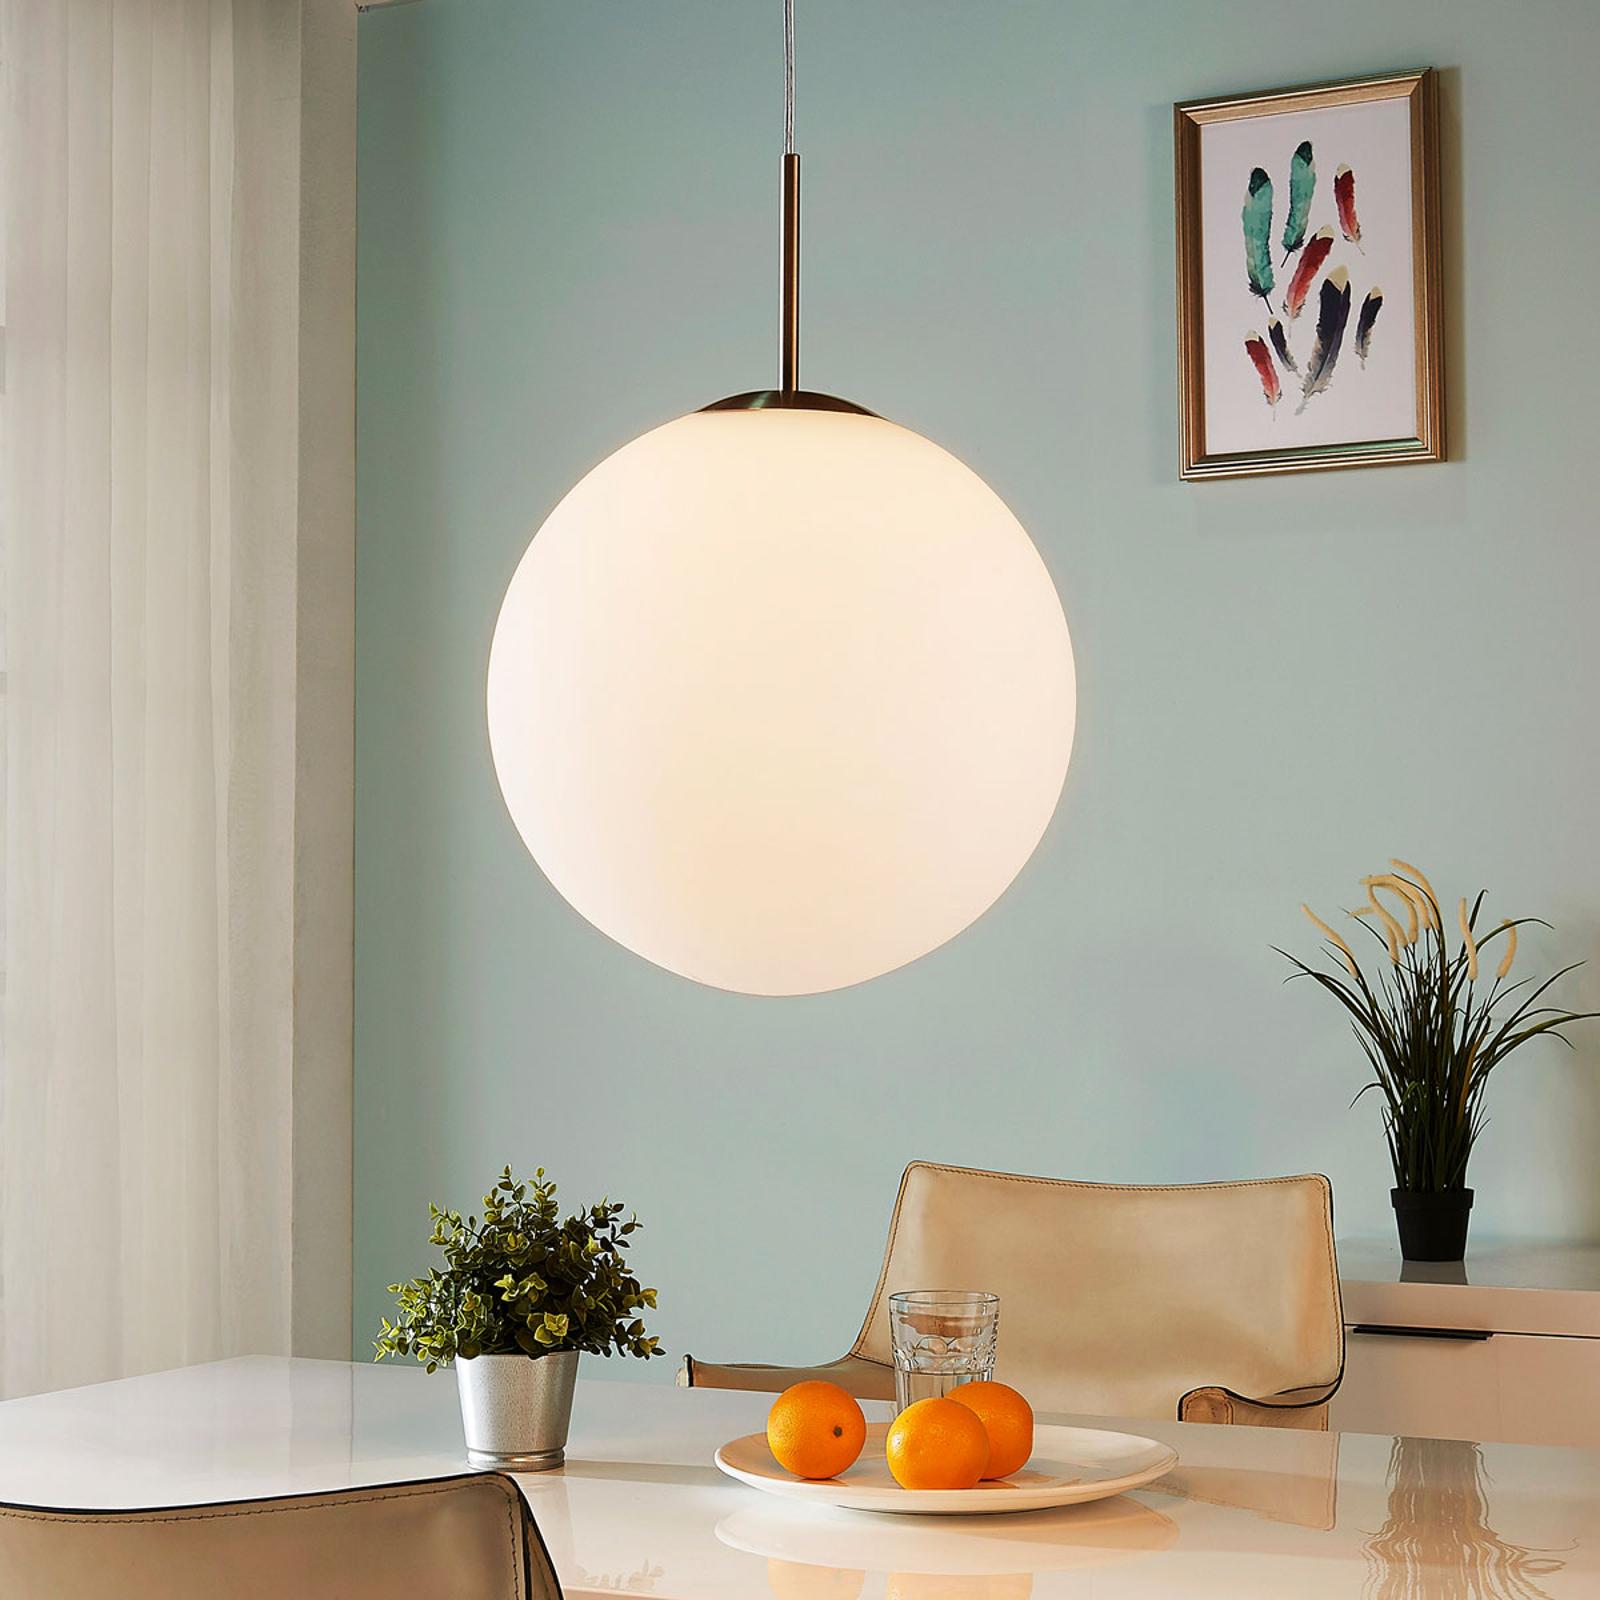 Lampa wisząca Marike z białego szkła opalowego